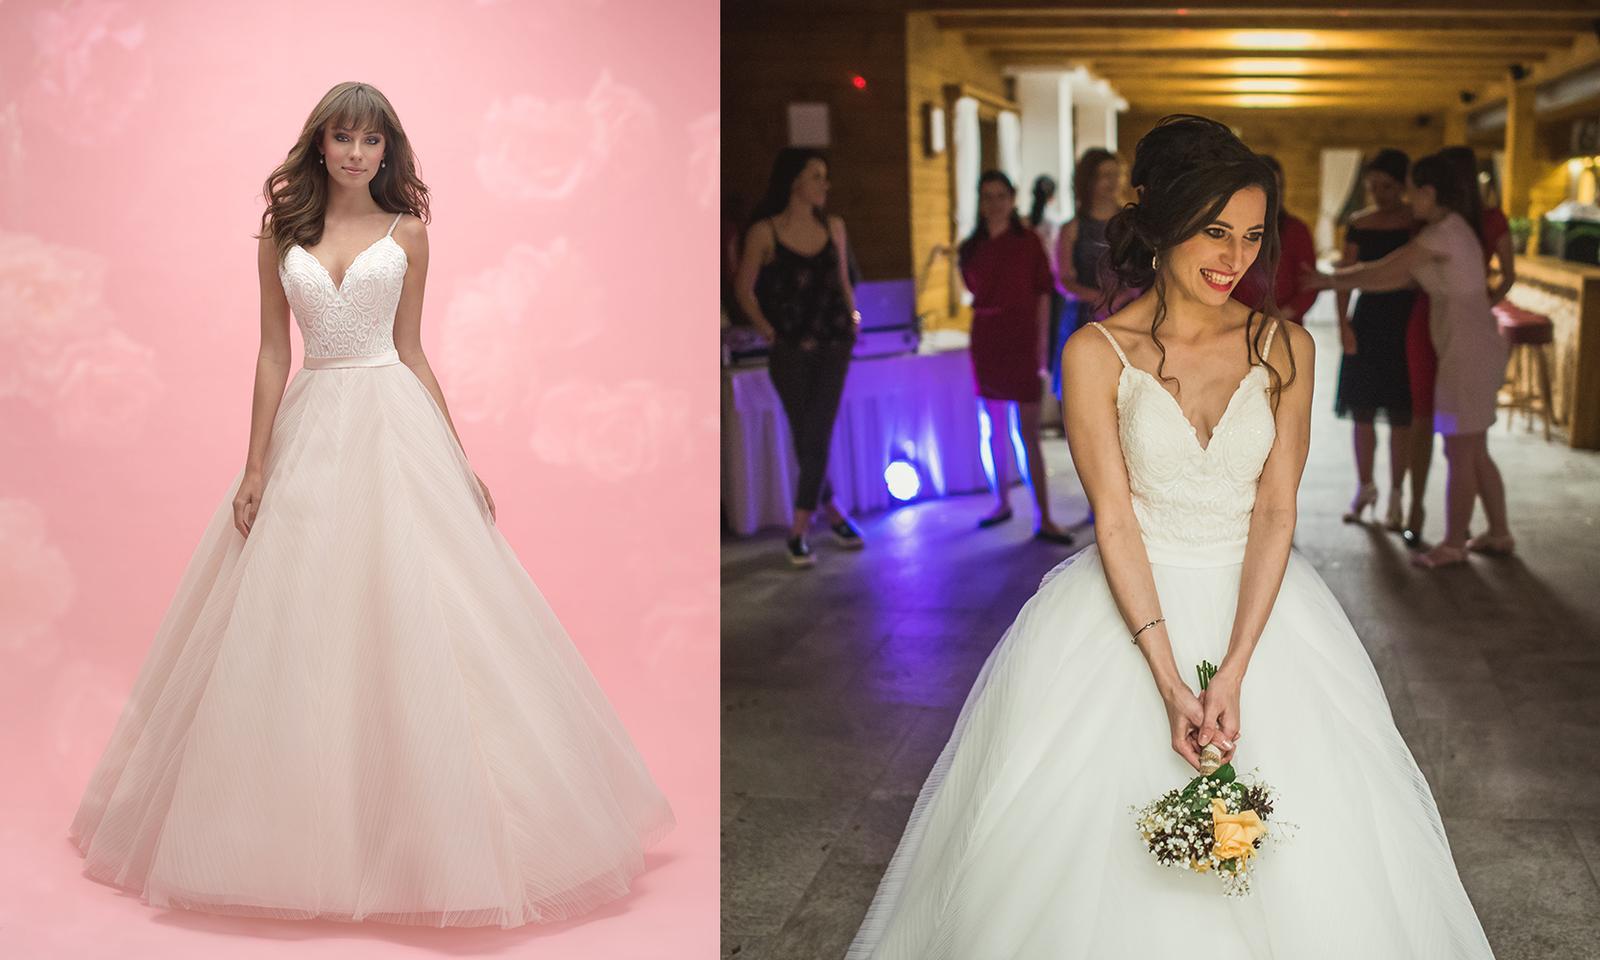 Svadobné šaty na modelke a na reálnej neveste - Nevesta @luc_lucka a jej svadobné šaty Allure Bridals Model 3050 zo salónu Glamour of Angels.